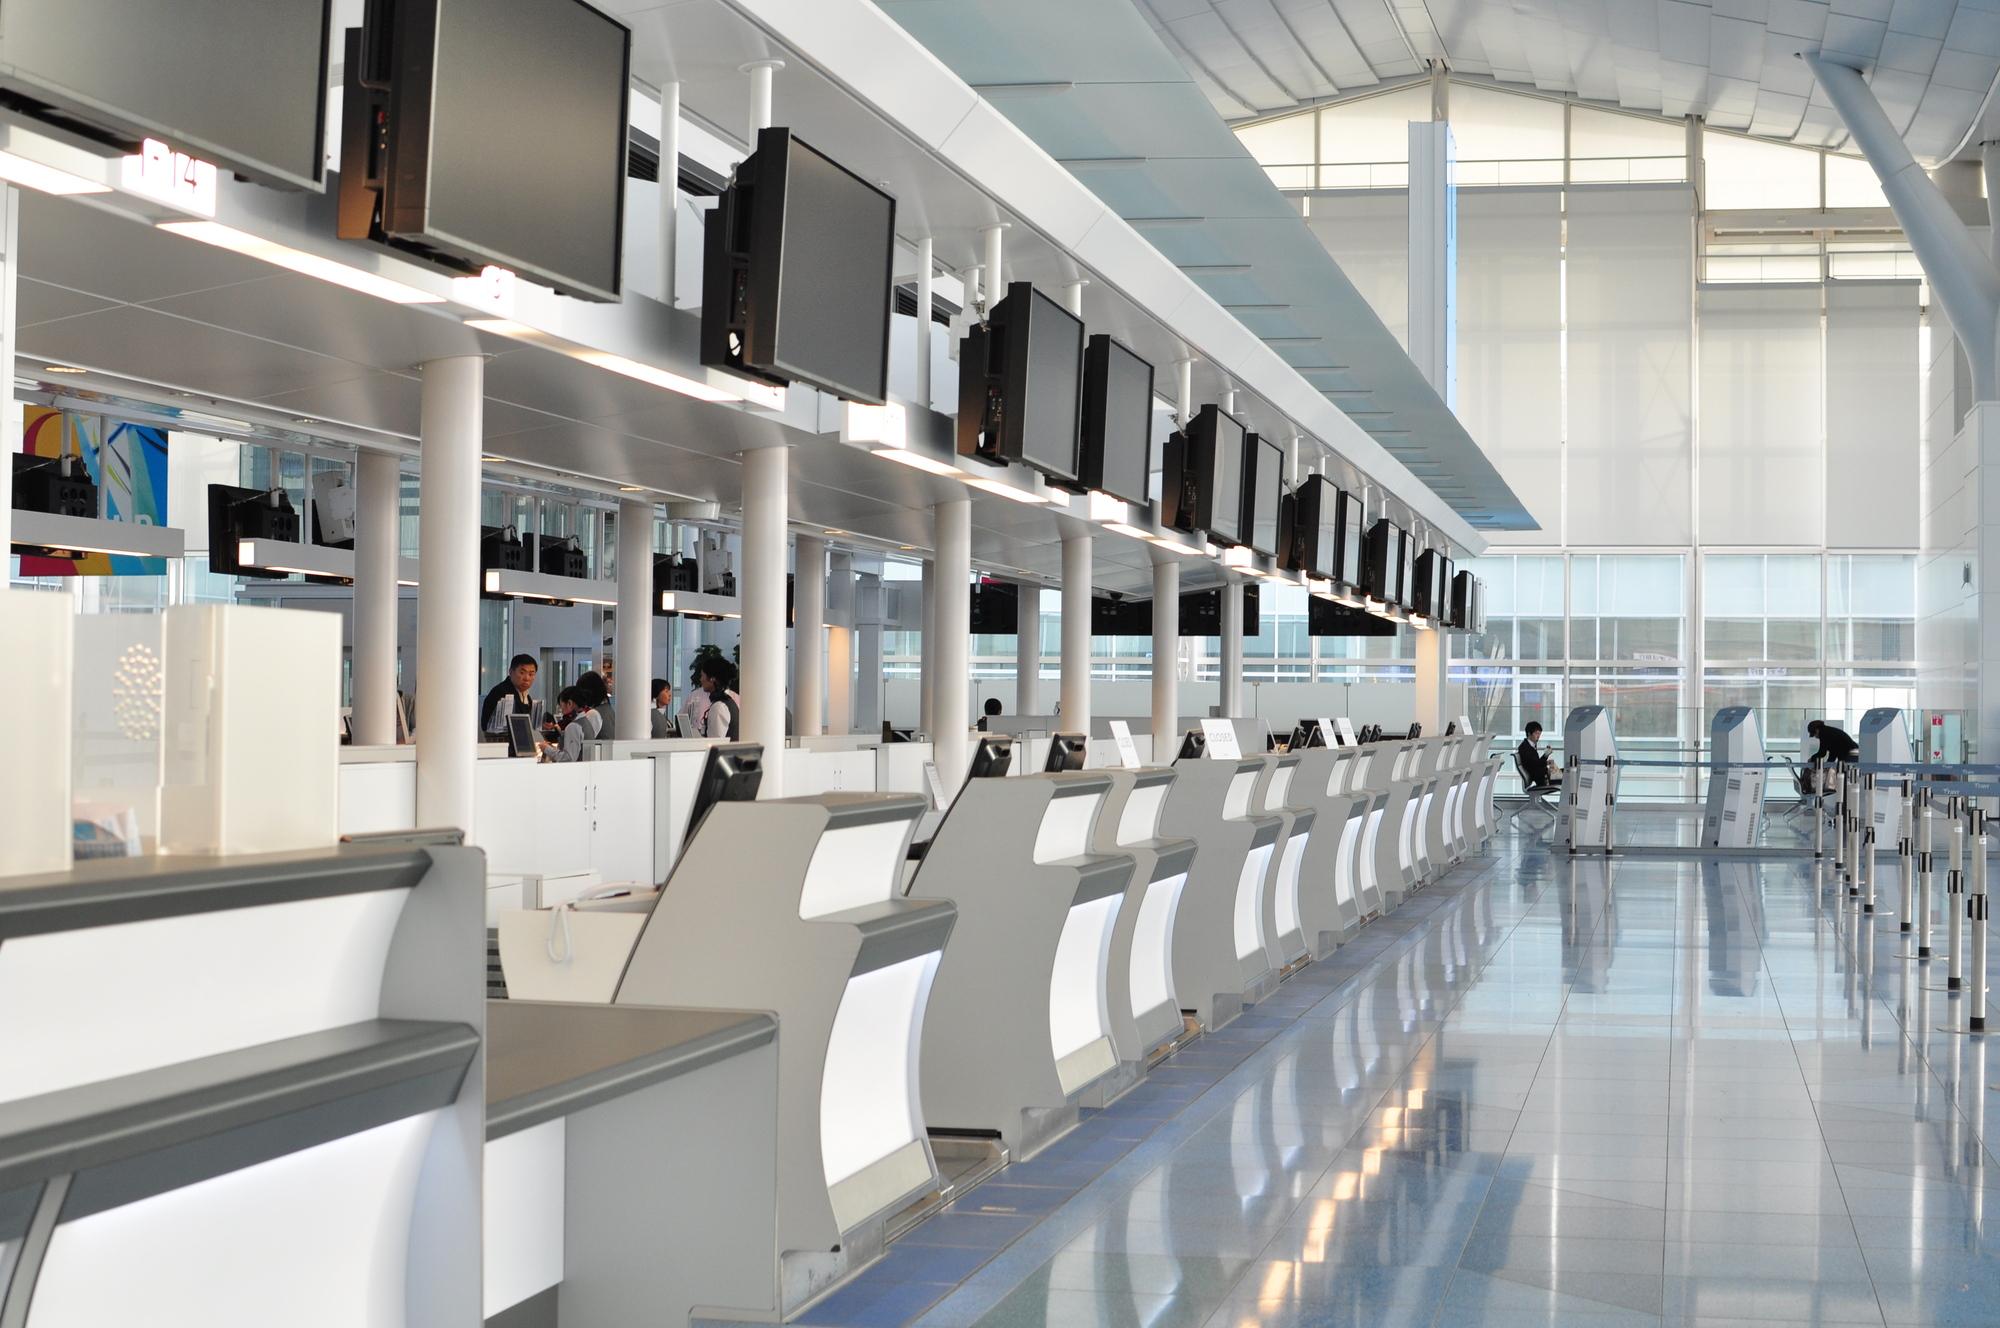 空港設備関係者の方必見!「旅客用空港スケールならお任せください!」ダイトクが持つ5つの強みについて(カウンタースケール編)